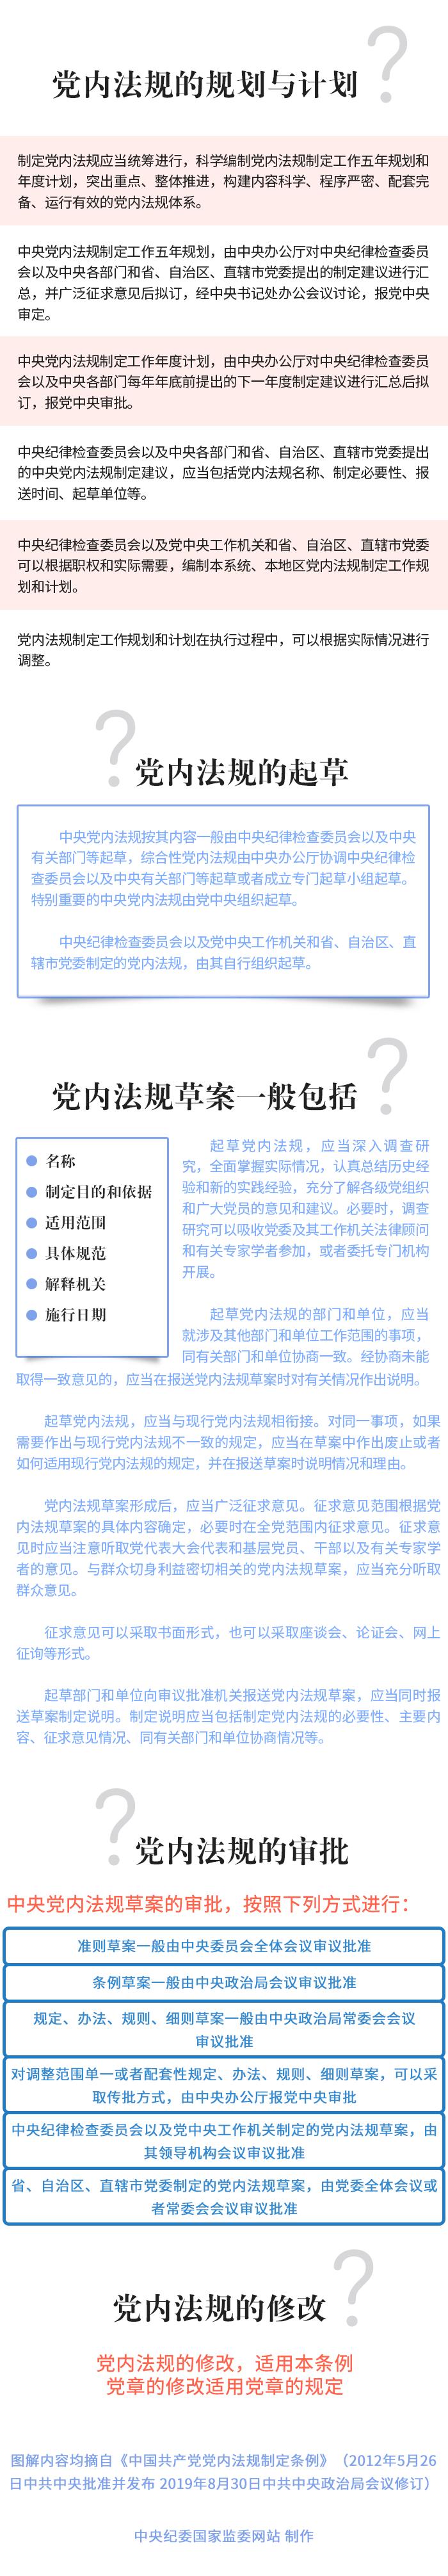 图说 | 带你了解《中国共产党党内法规制定条例》